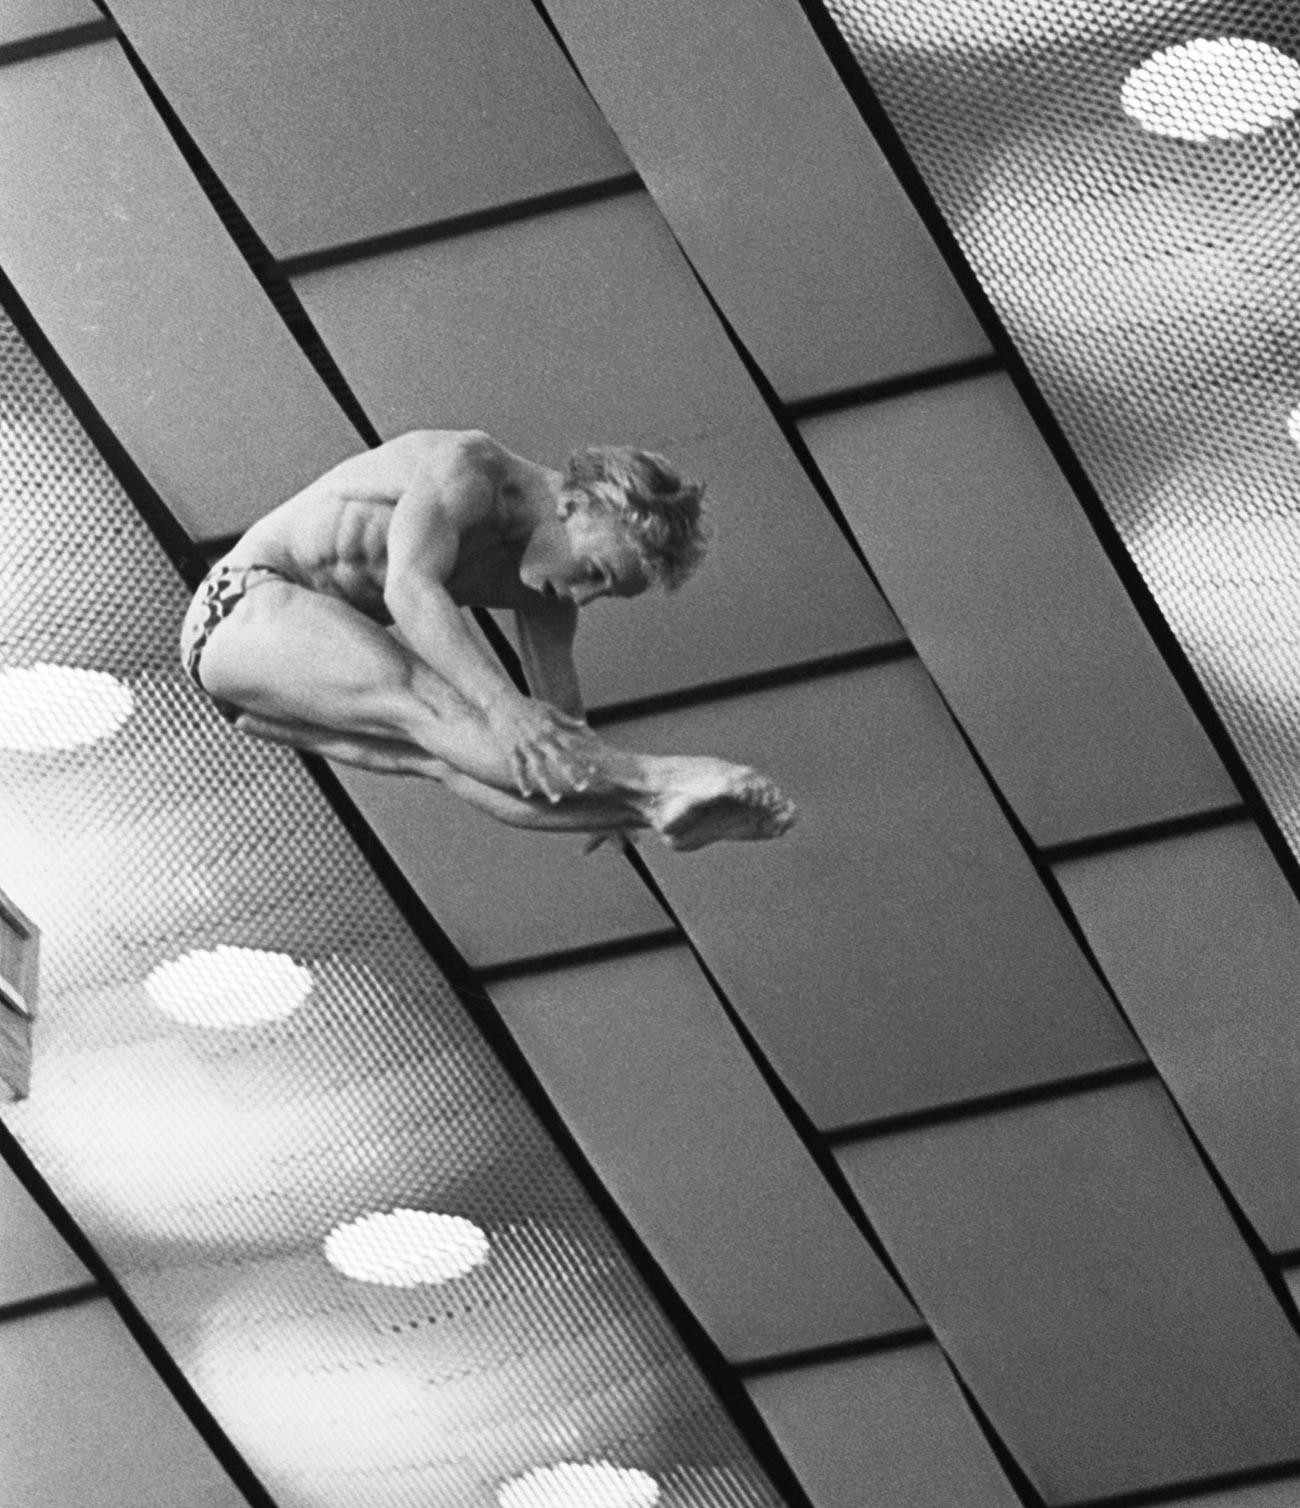 Чемпион СССР в двоеборье, чемпион СССР по прыжкам в воду с вышки Сергей Немцанов на соревнованиях.